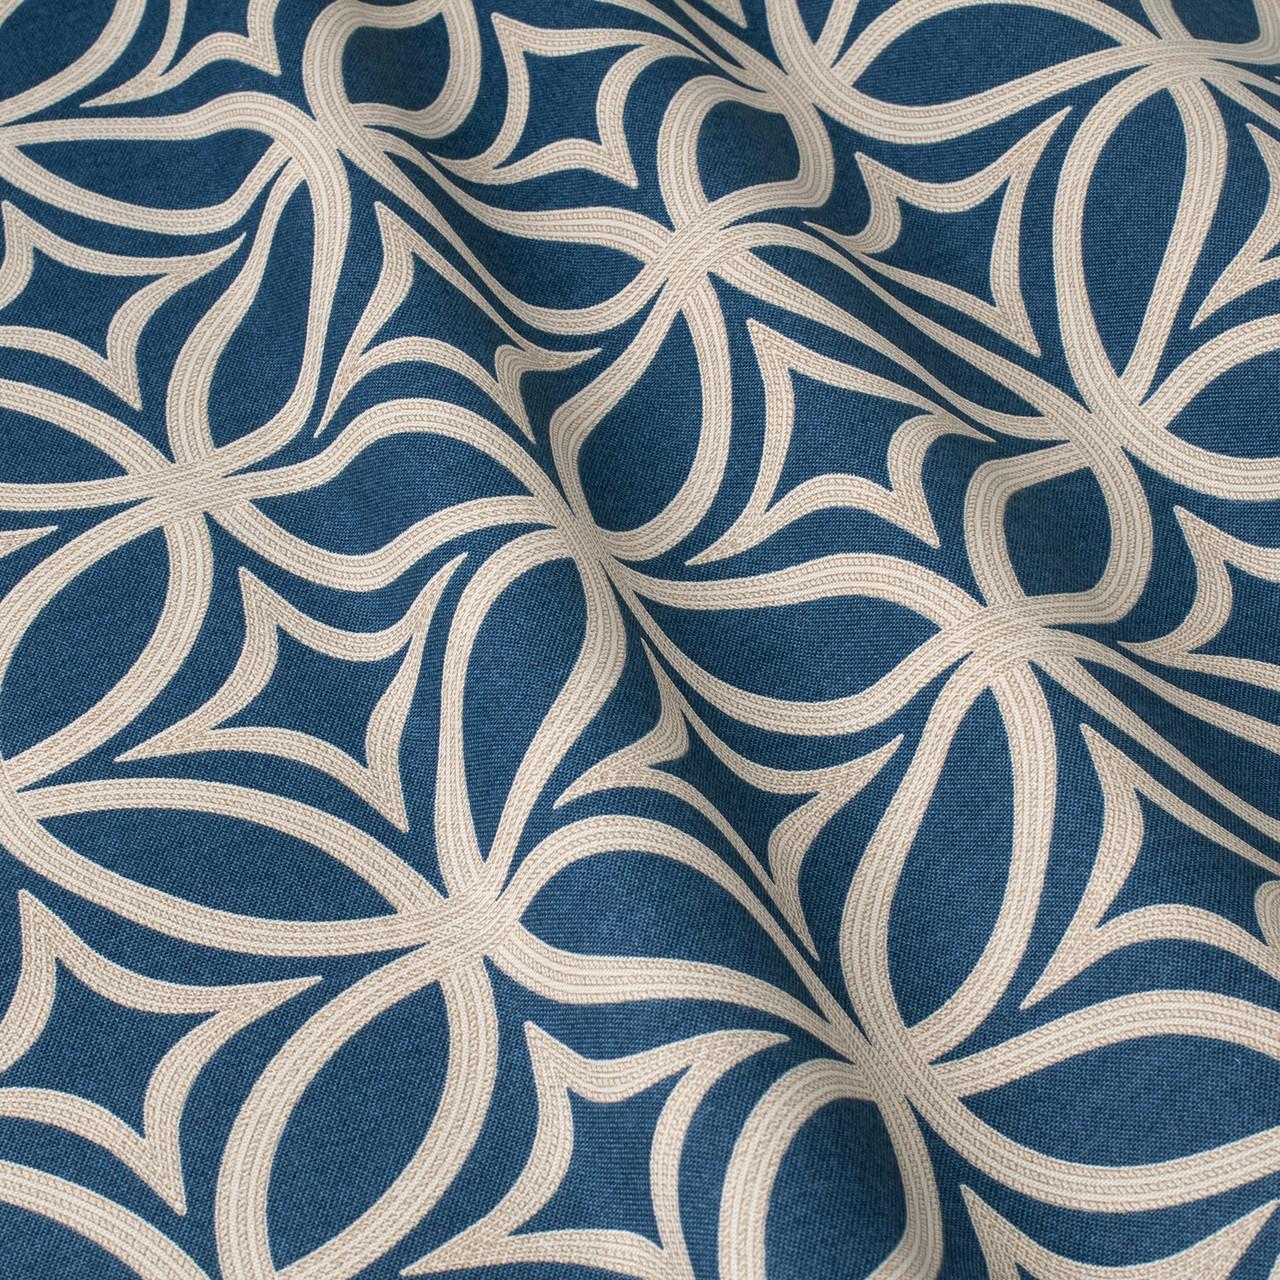 Декоративная ткань белые круги с узорами на синем фоне Турция 84588v28